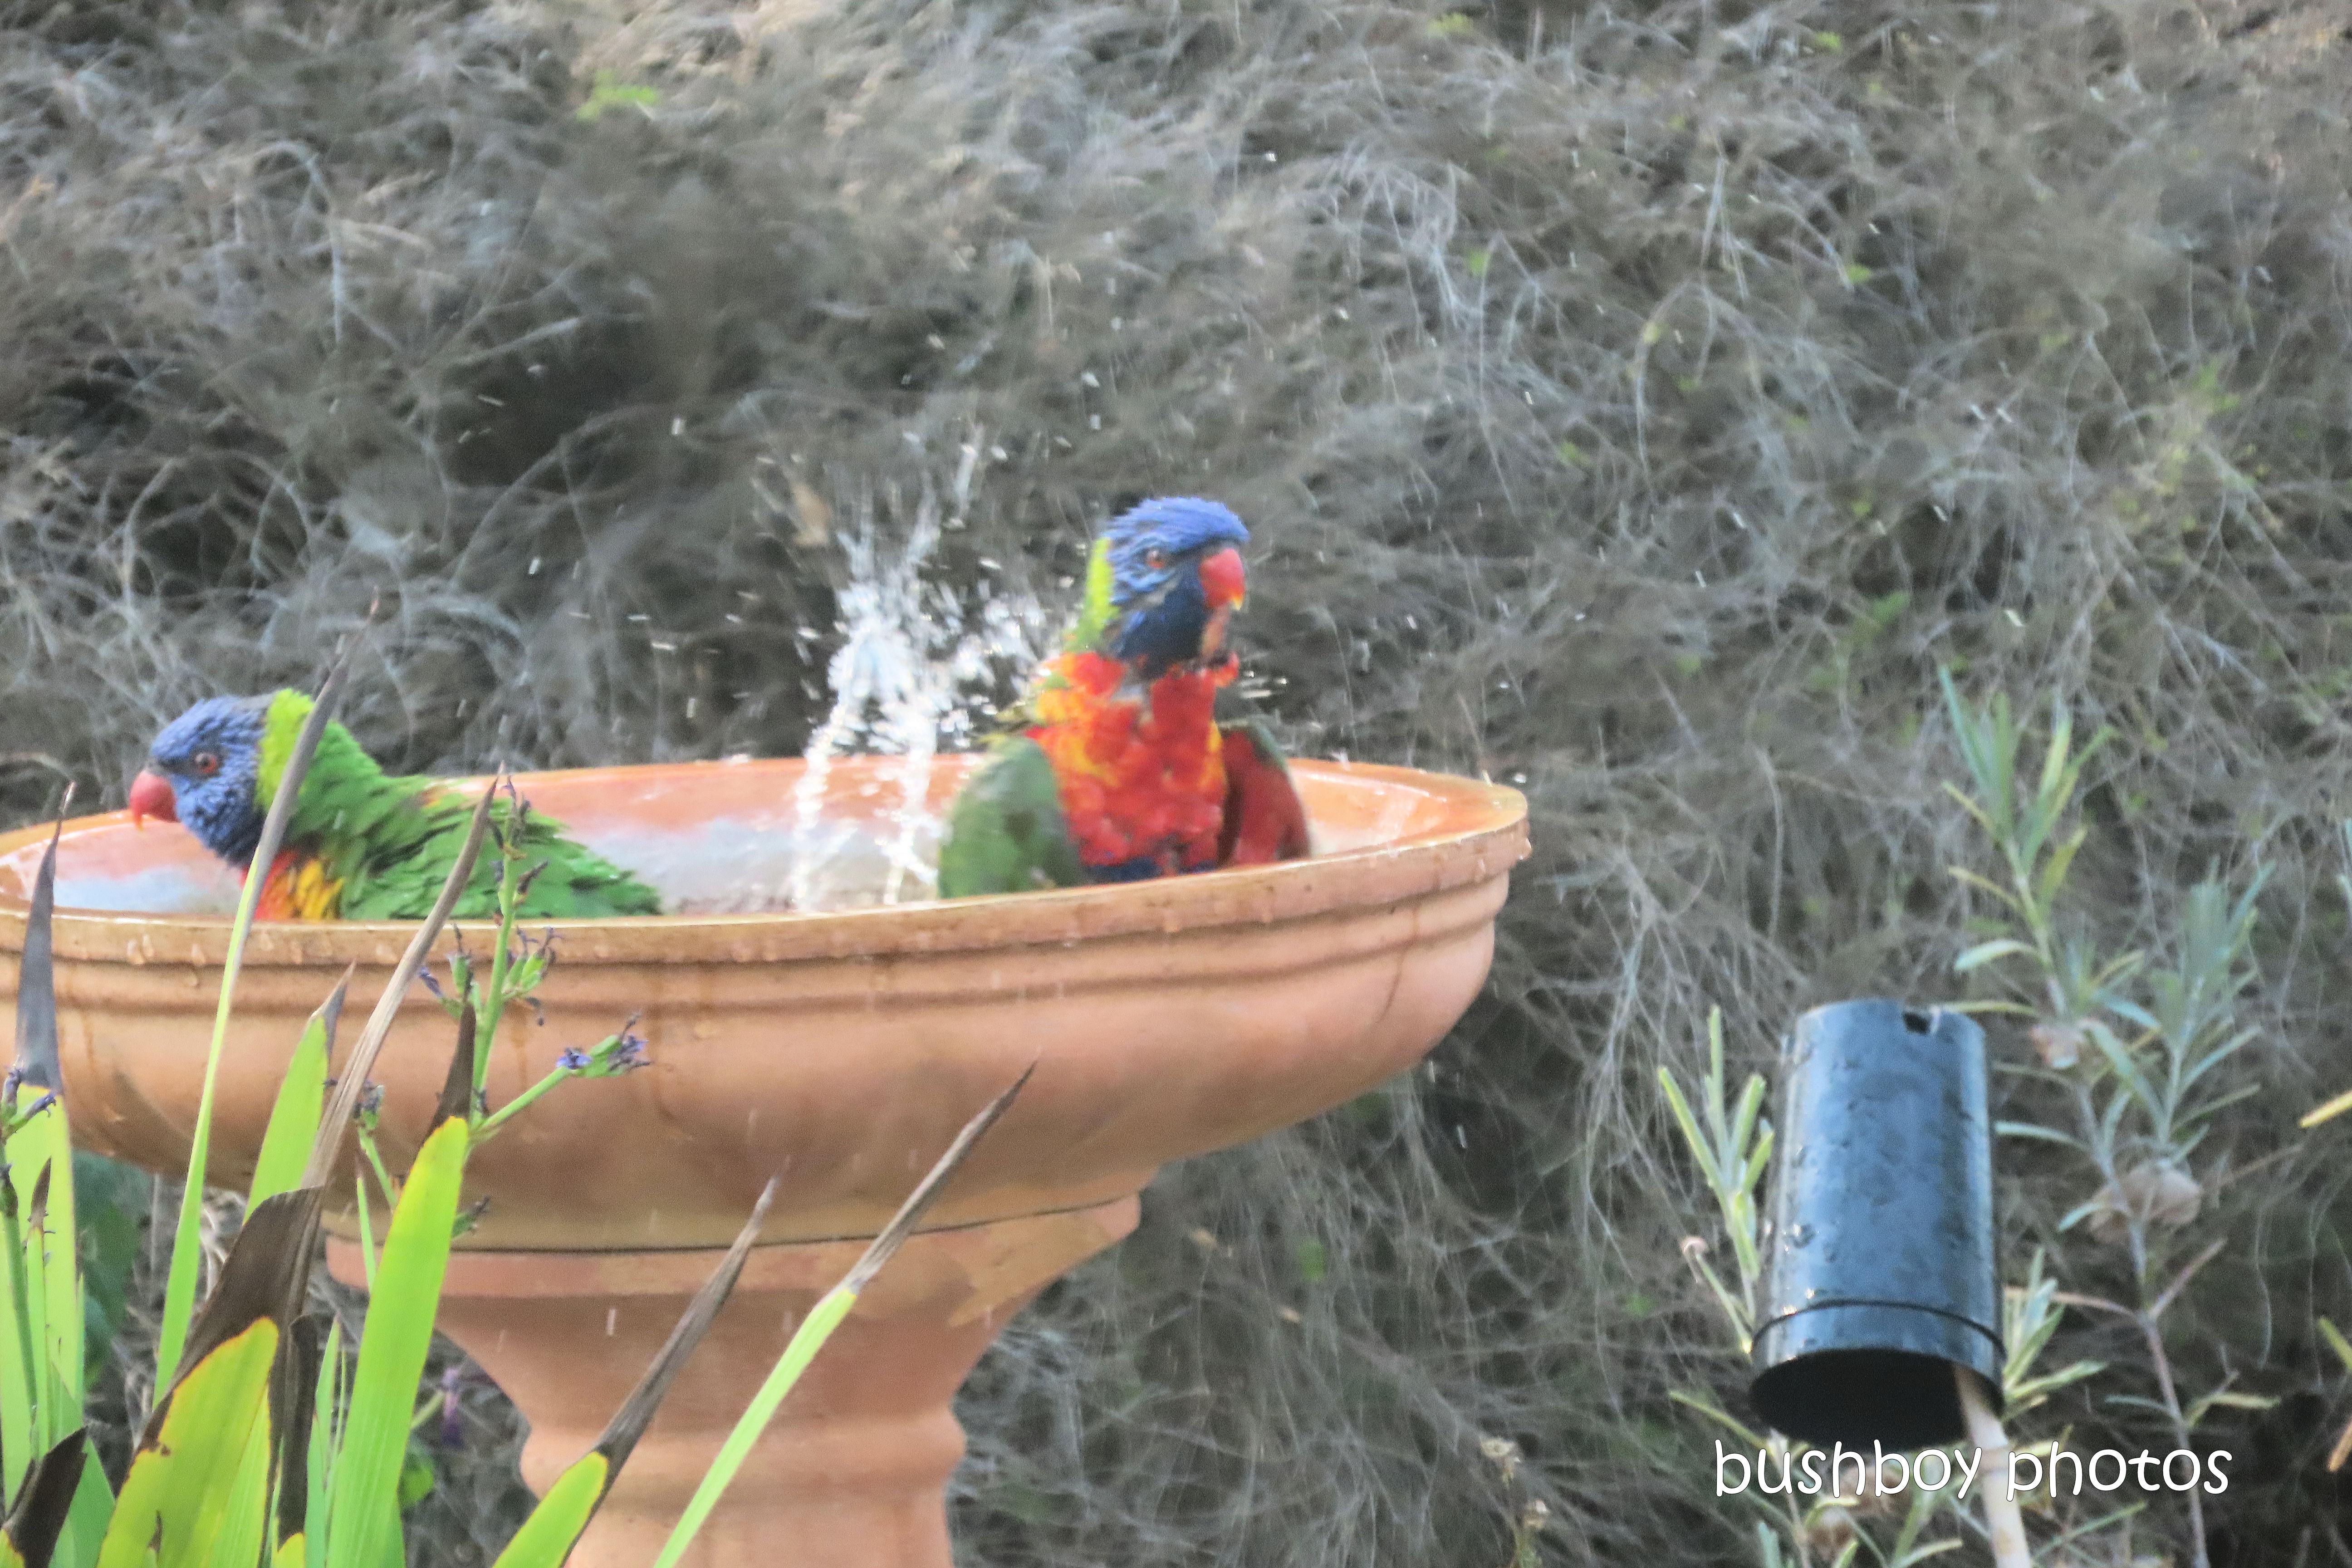 rainbow_lorikeets_bird_bath_fun_splash2_named_caniaba_oct 2019